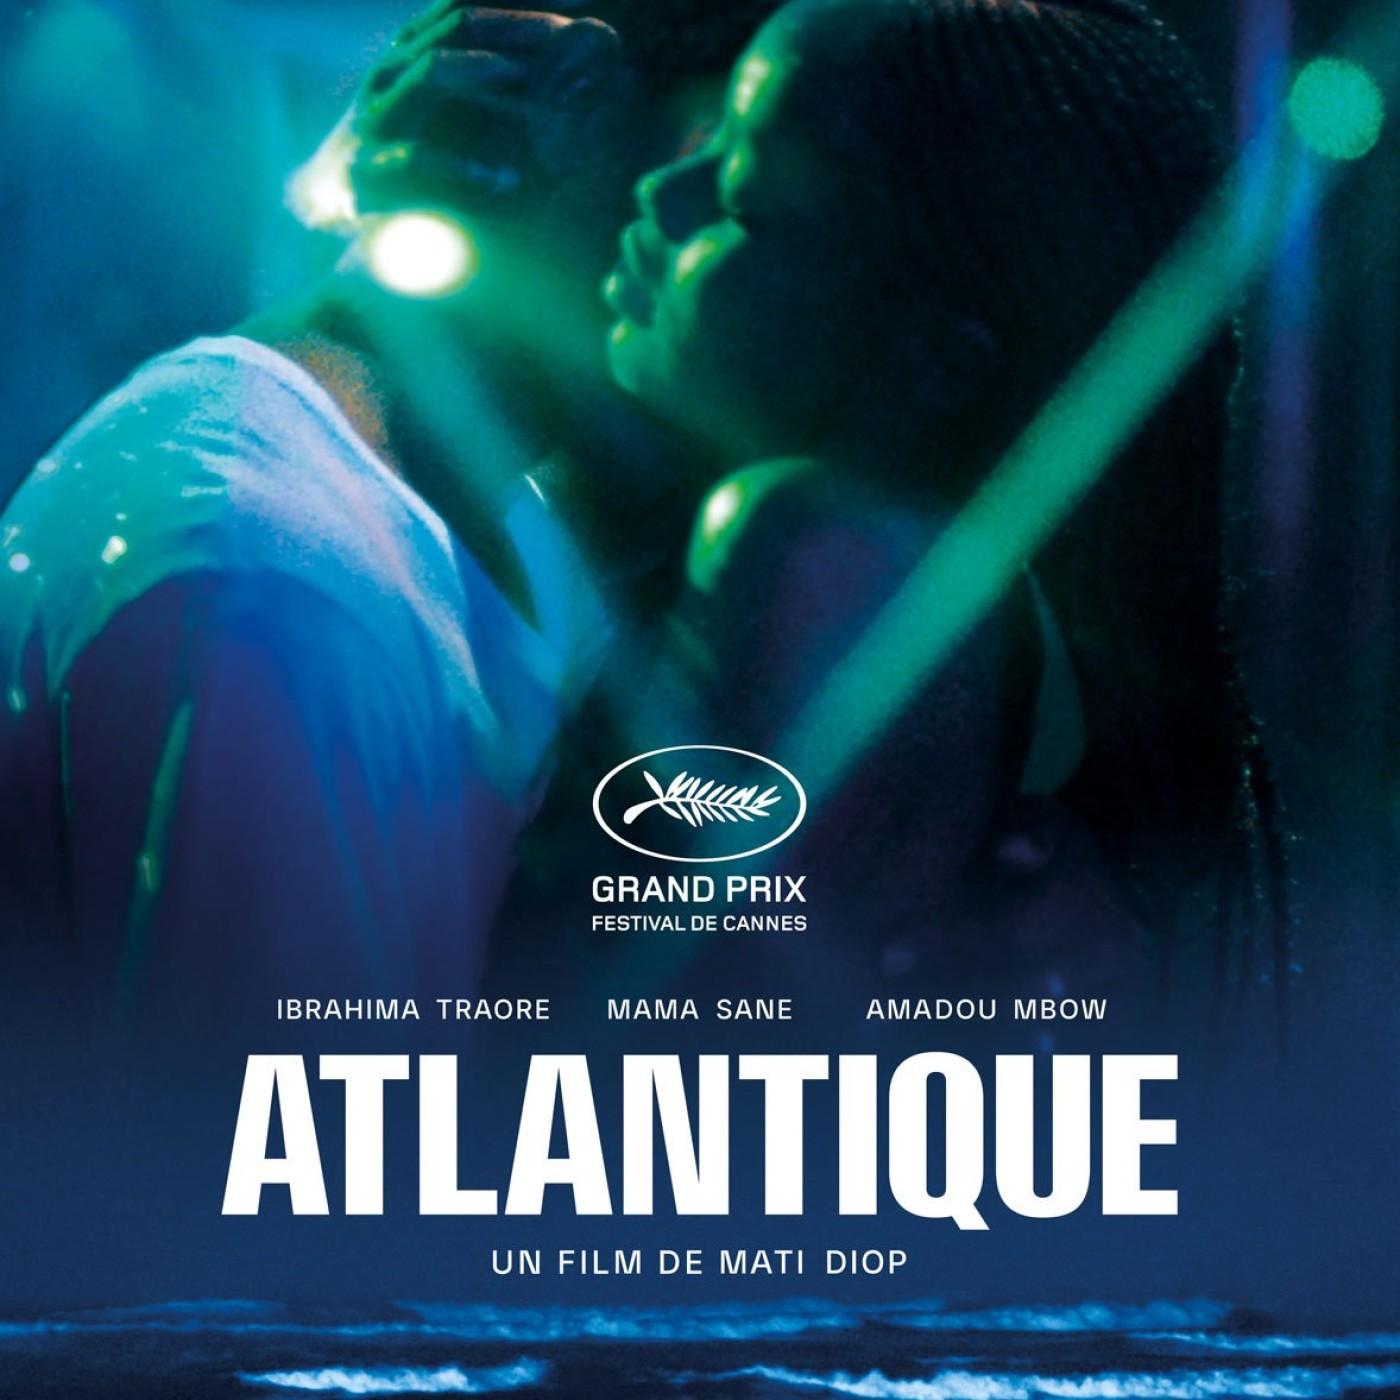 Critique du Film ATLANTIQUE | Cinémaradio